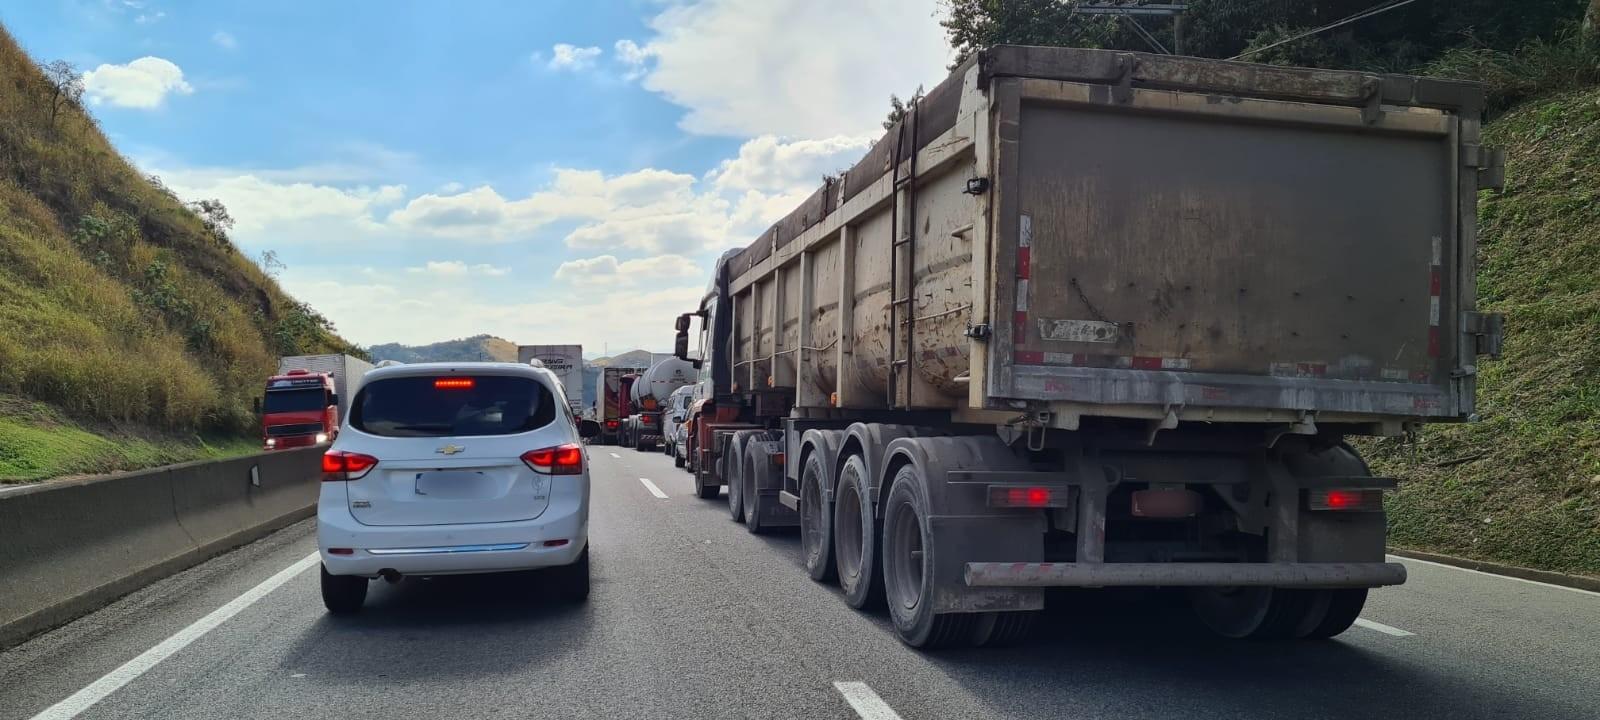 Motoristas enfrentam congestionamento em trecho com obra na Dutra, em Barra Mansa